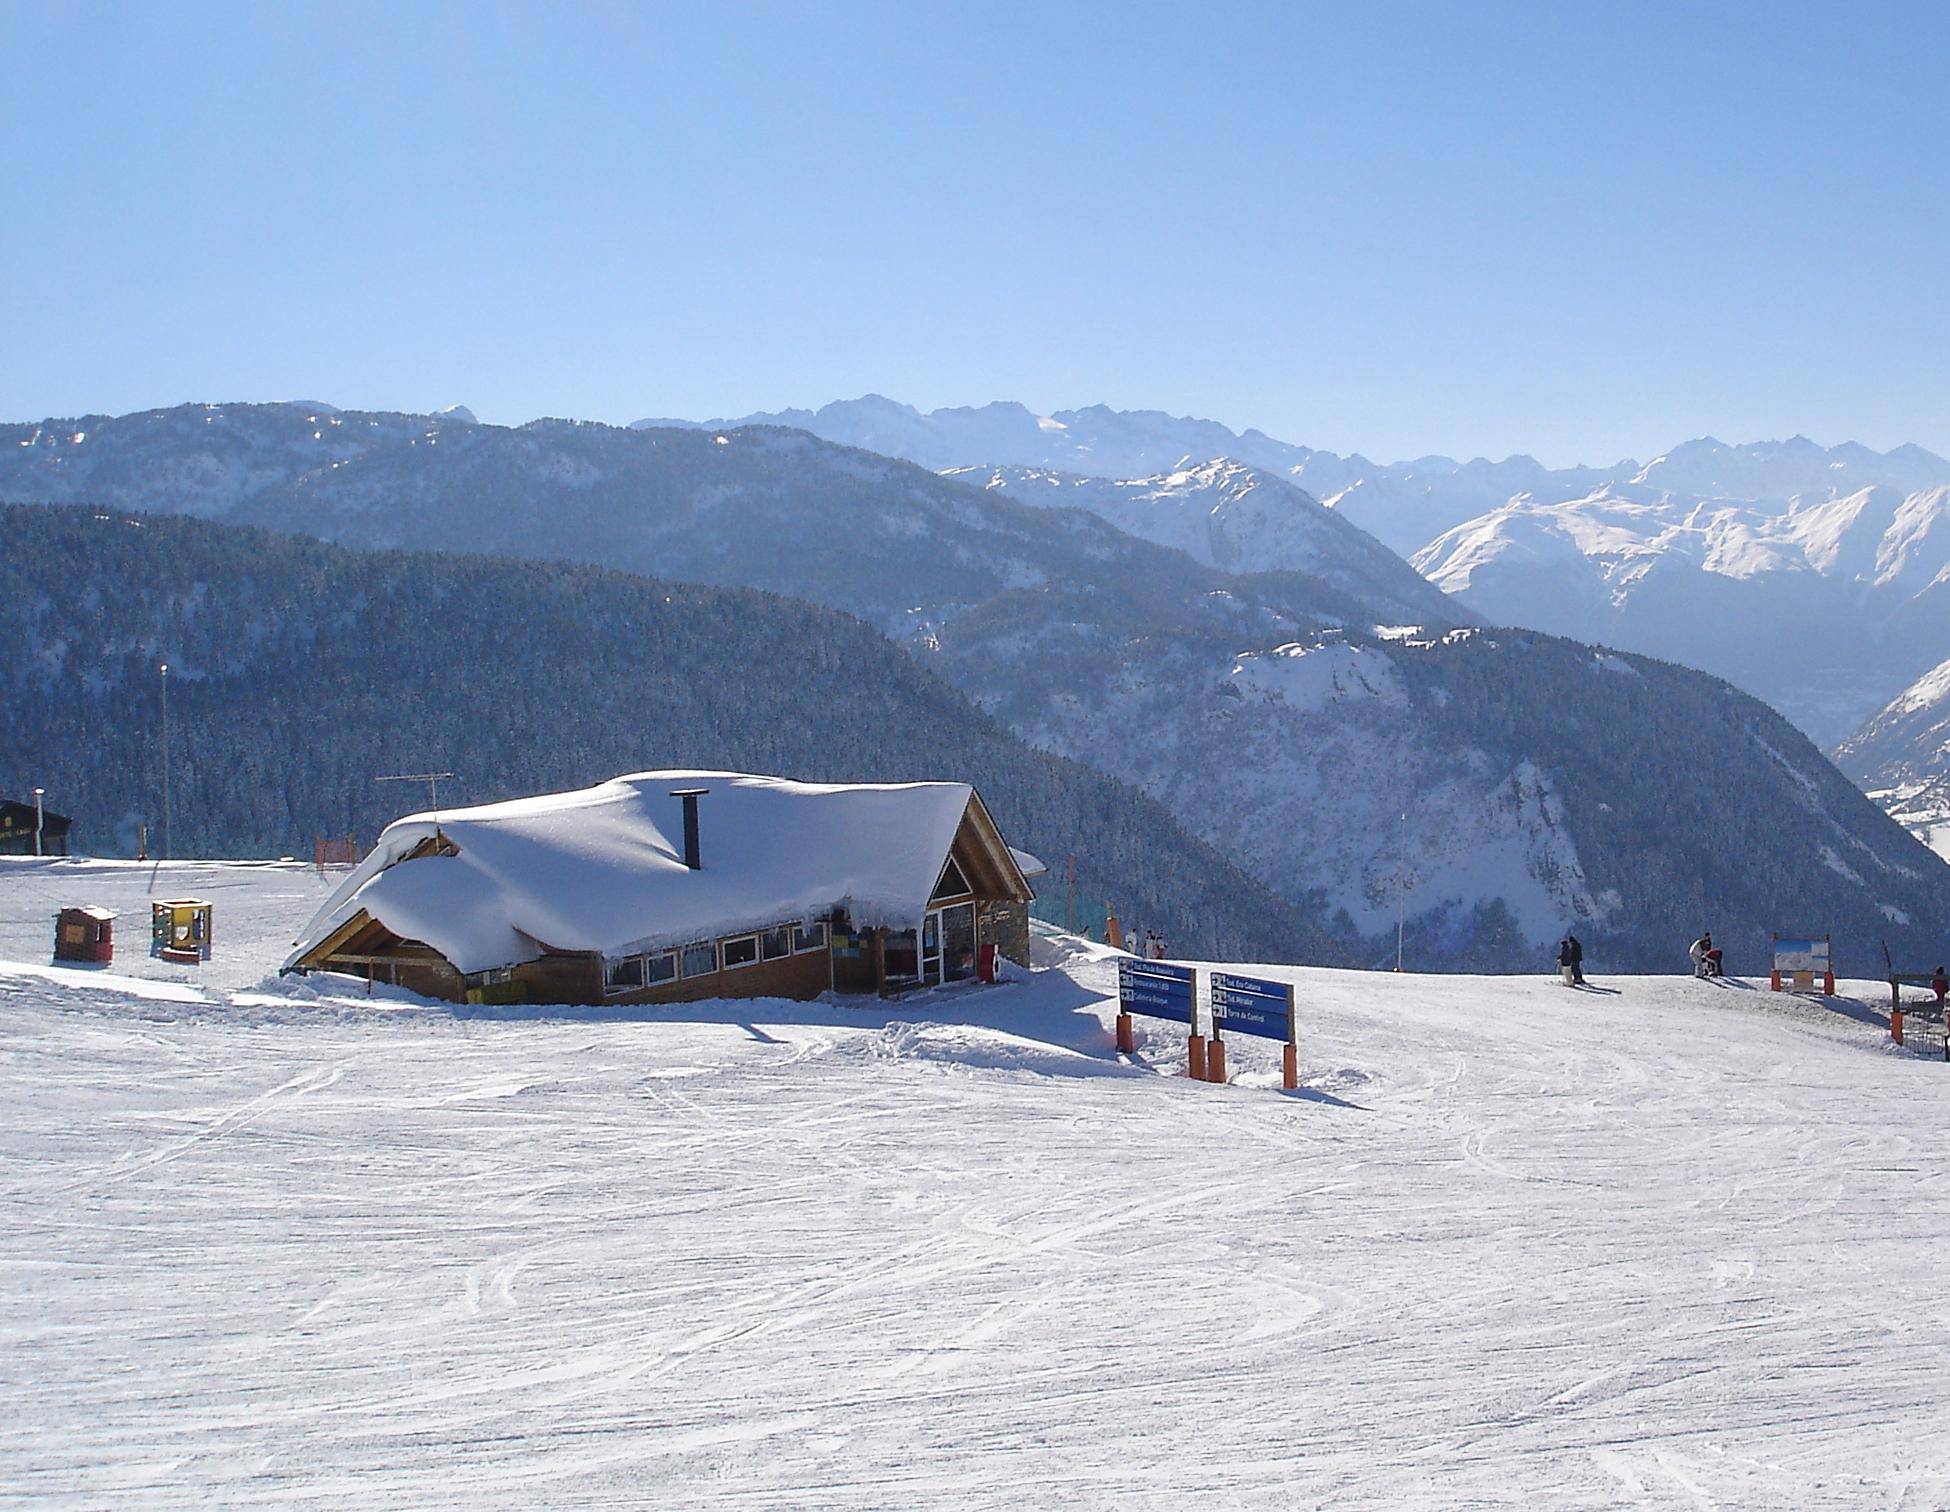 Baqueira 1800 - Algunas de las mejores estaciones de esquí de España